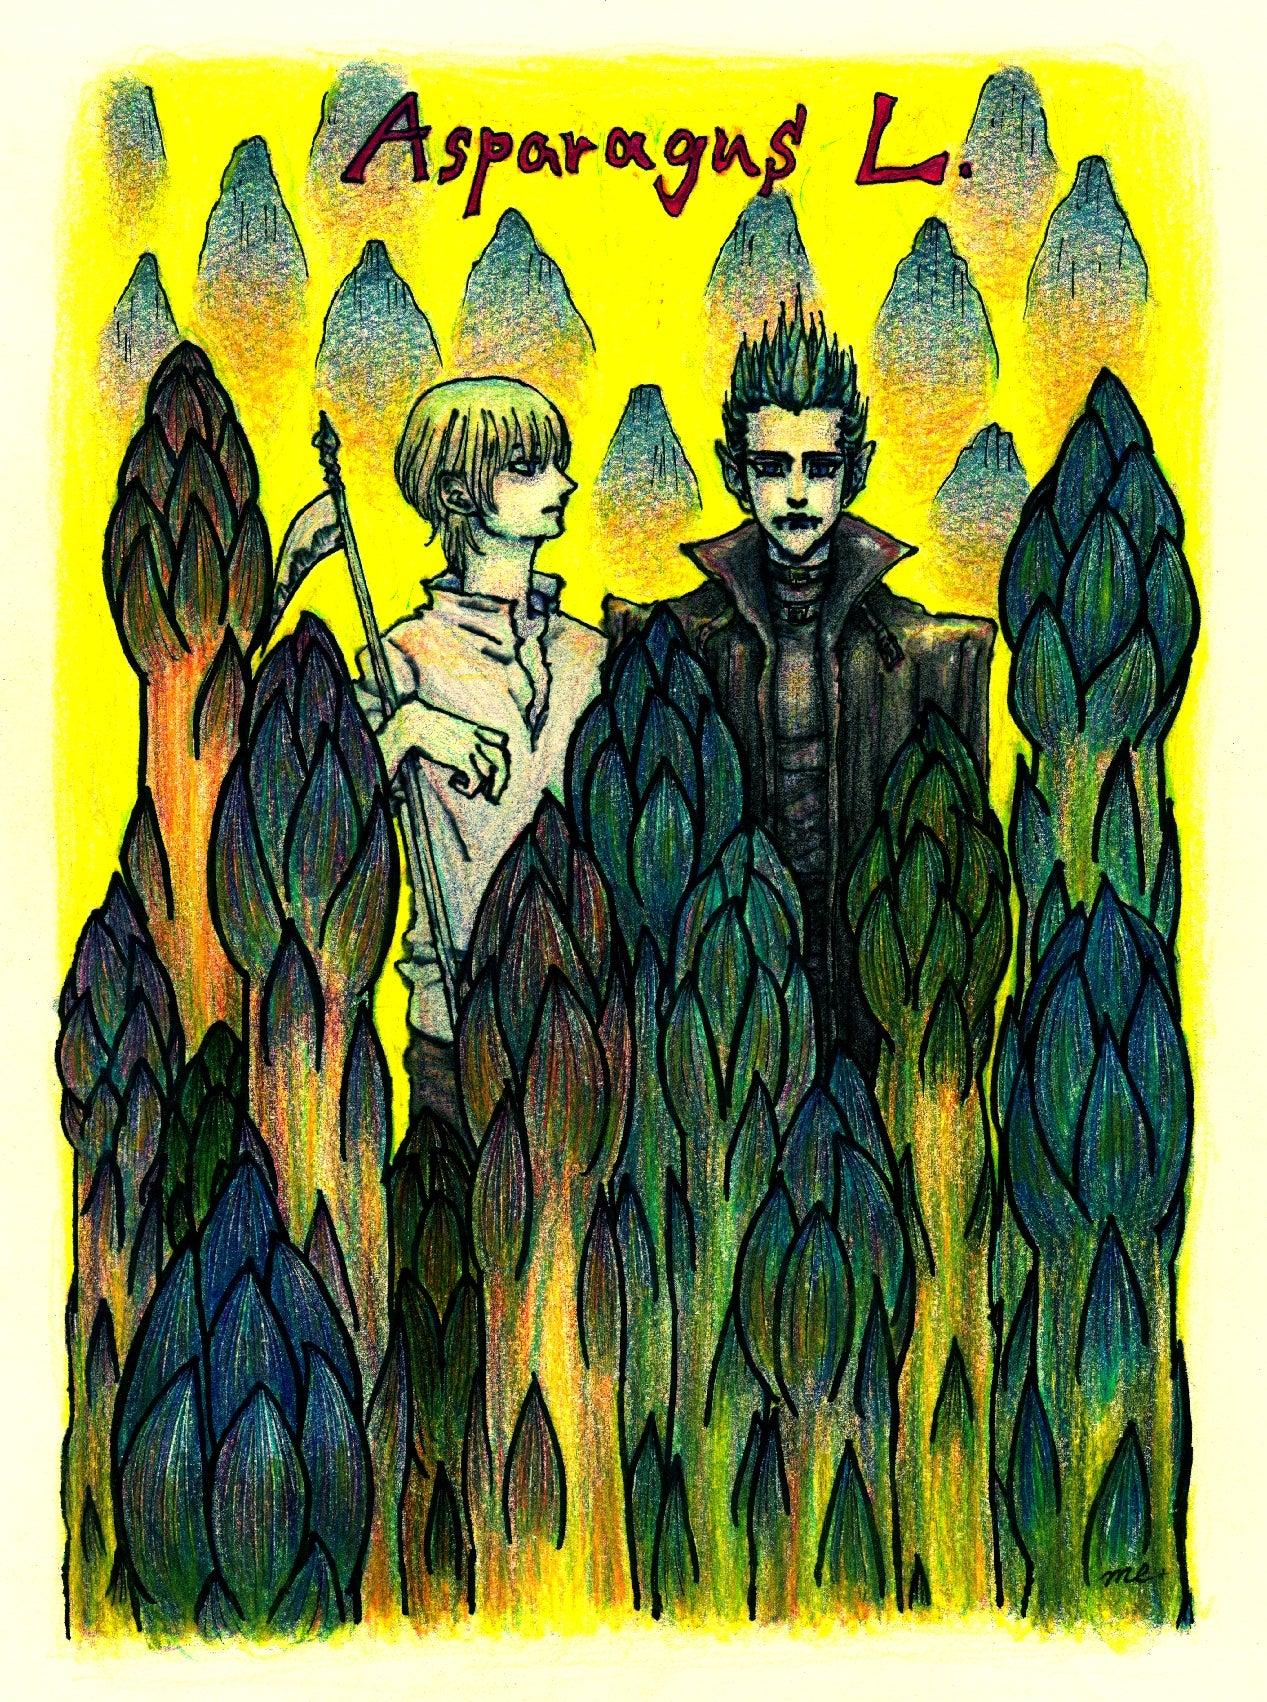 『Asparagus L. & Jack & Brad』